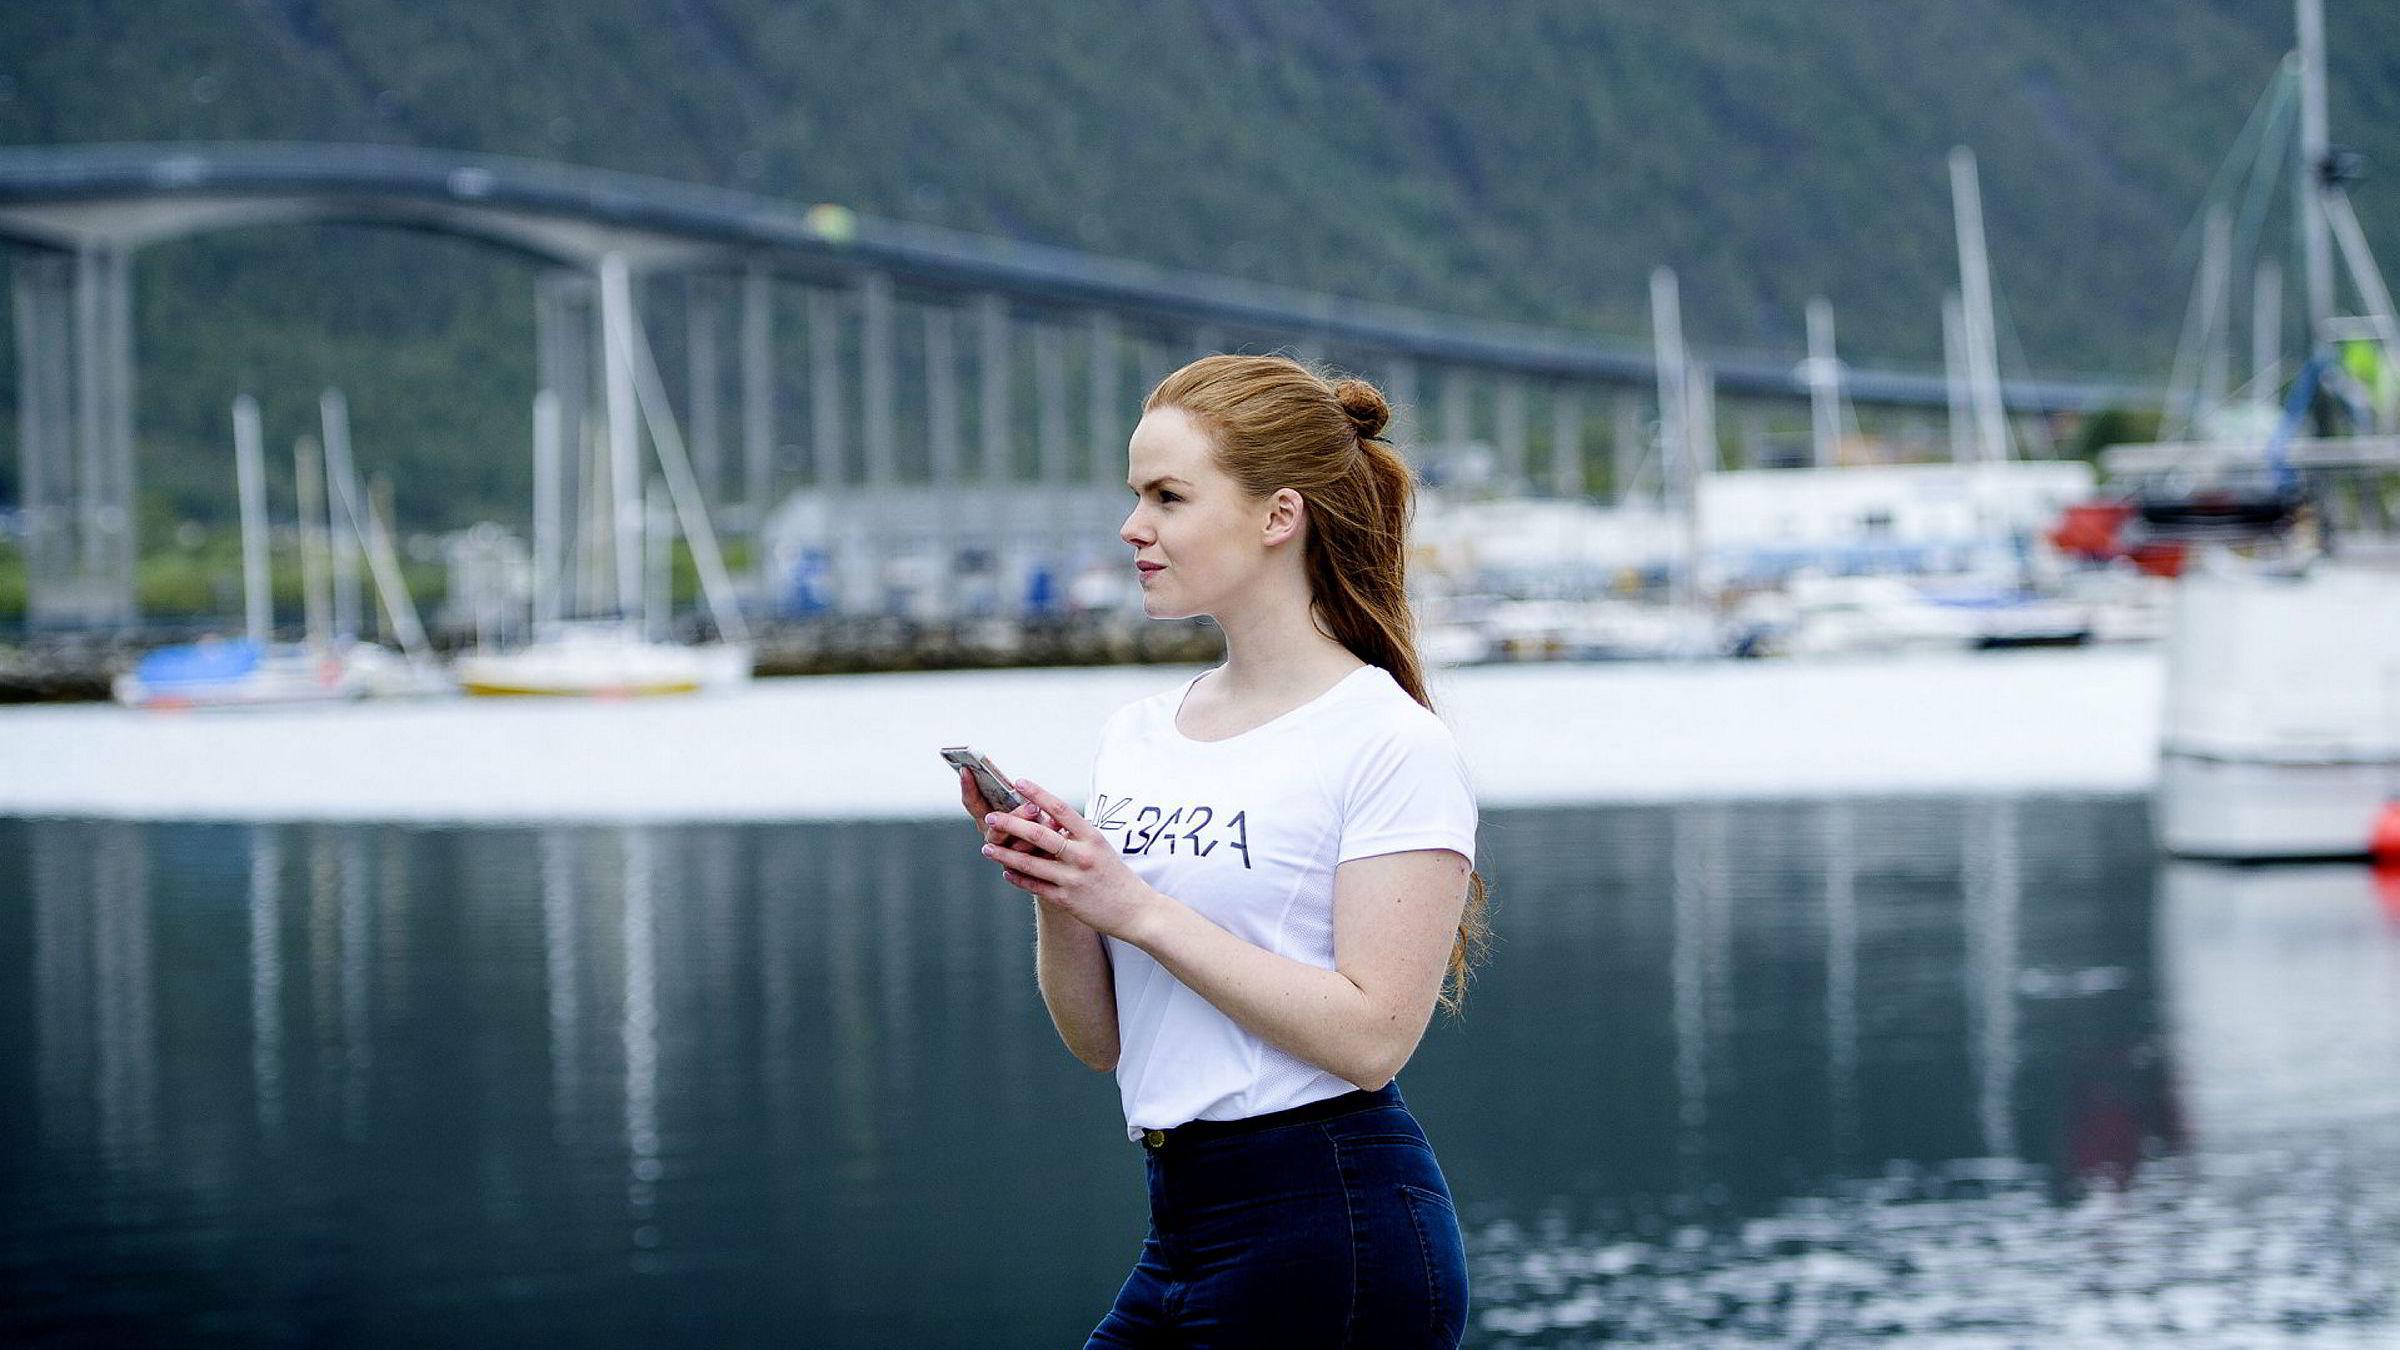 50174dcf Regine Aronsen Finjord er personlig trener, gründer av treningsklær merket  Bara og mikropåvirker i Tromsø